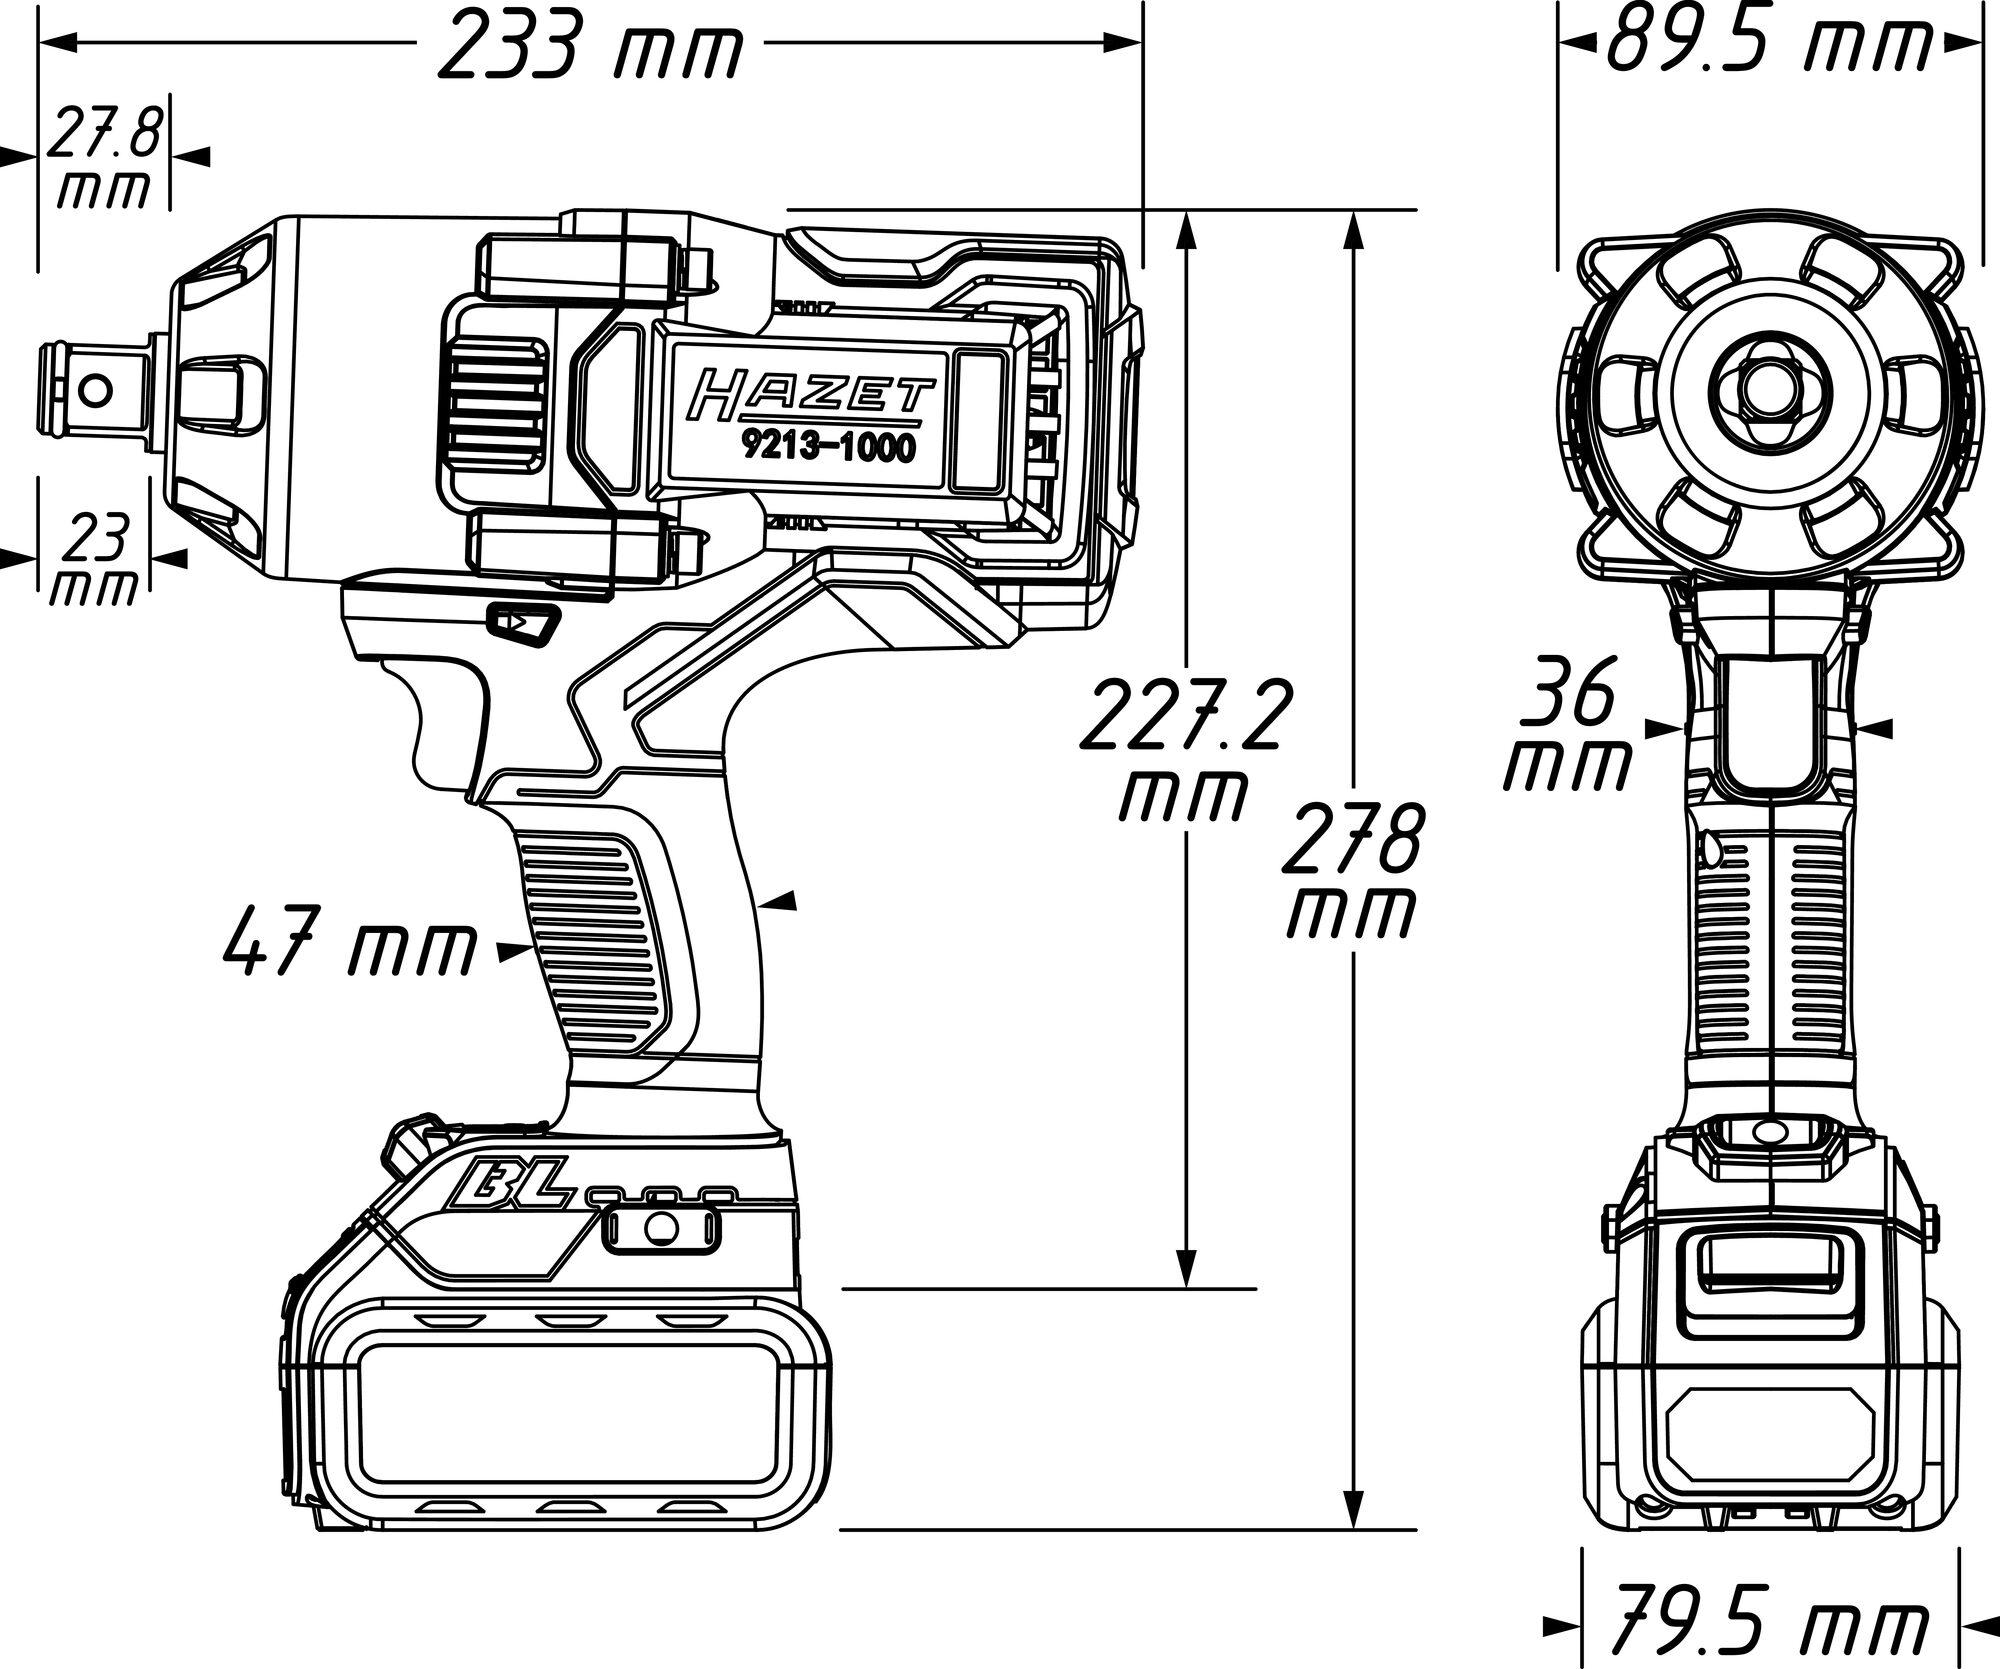 HAZET Akku-Schlagschrauber 9213-1000/4 ∙ Lösemoment maximal: 1400 Nm ∙ Vierkant massiv 20 mm (3/4 Zoll)